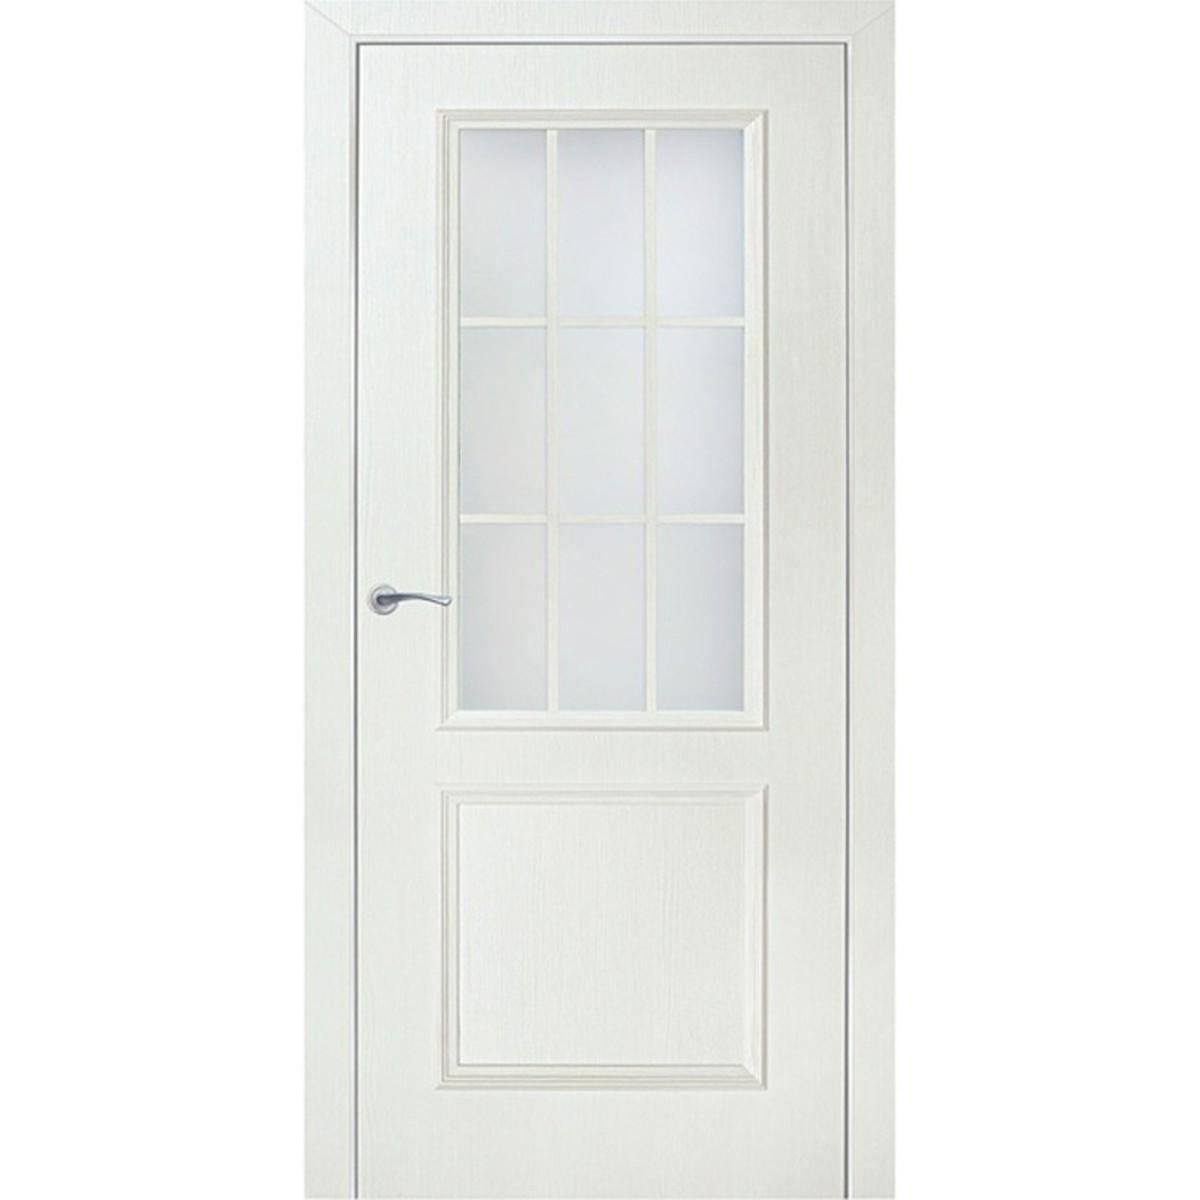 Дверь Межкомнатная Остеклённая Altro 70x200 Ламинация Цвет Бьянко 3d